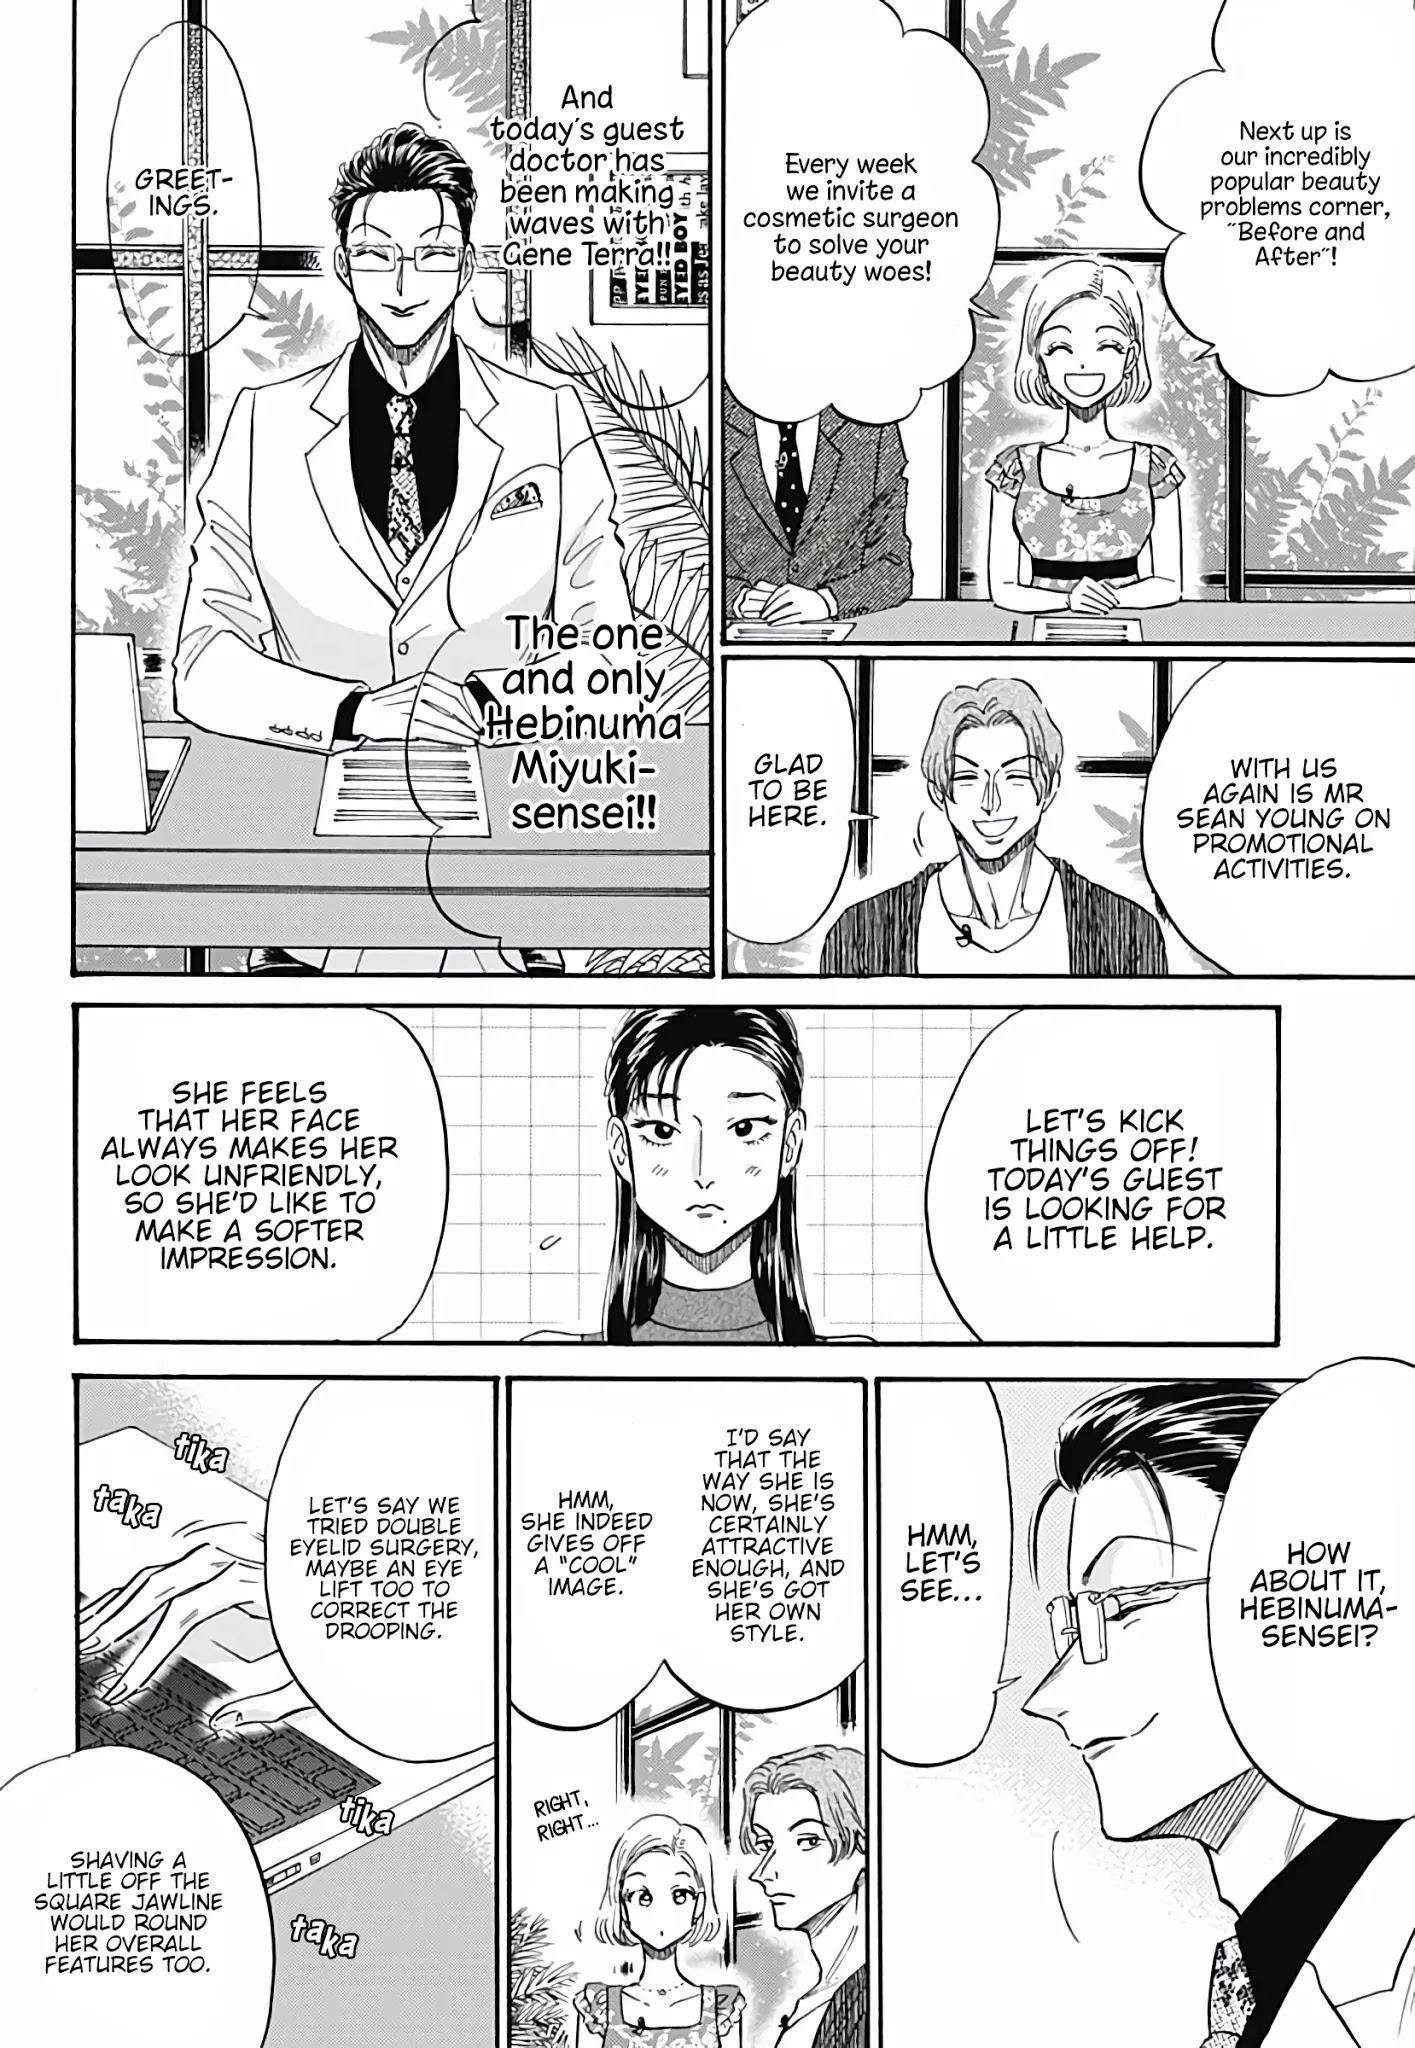 Kowloon Generic Romance Chapter 39 page 5 - Mangakakalots.com